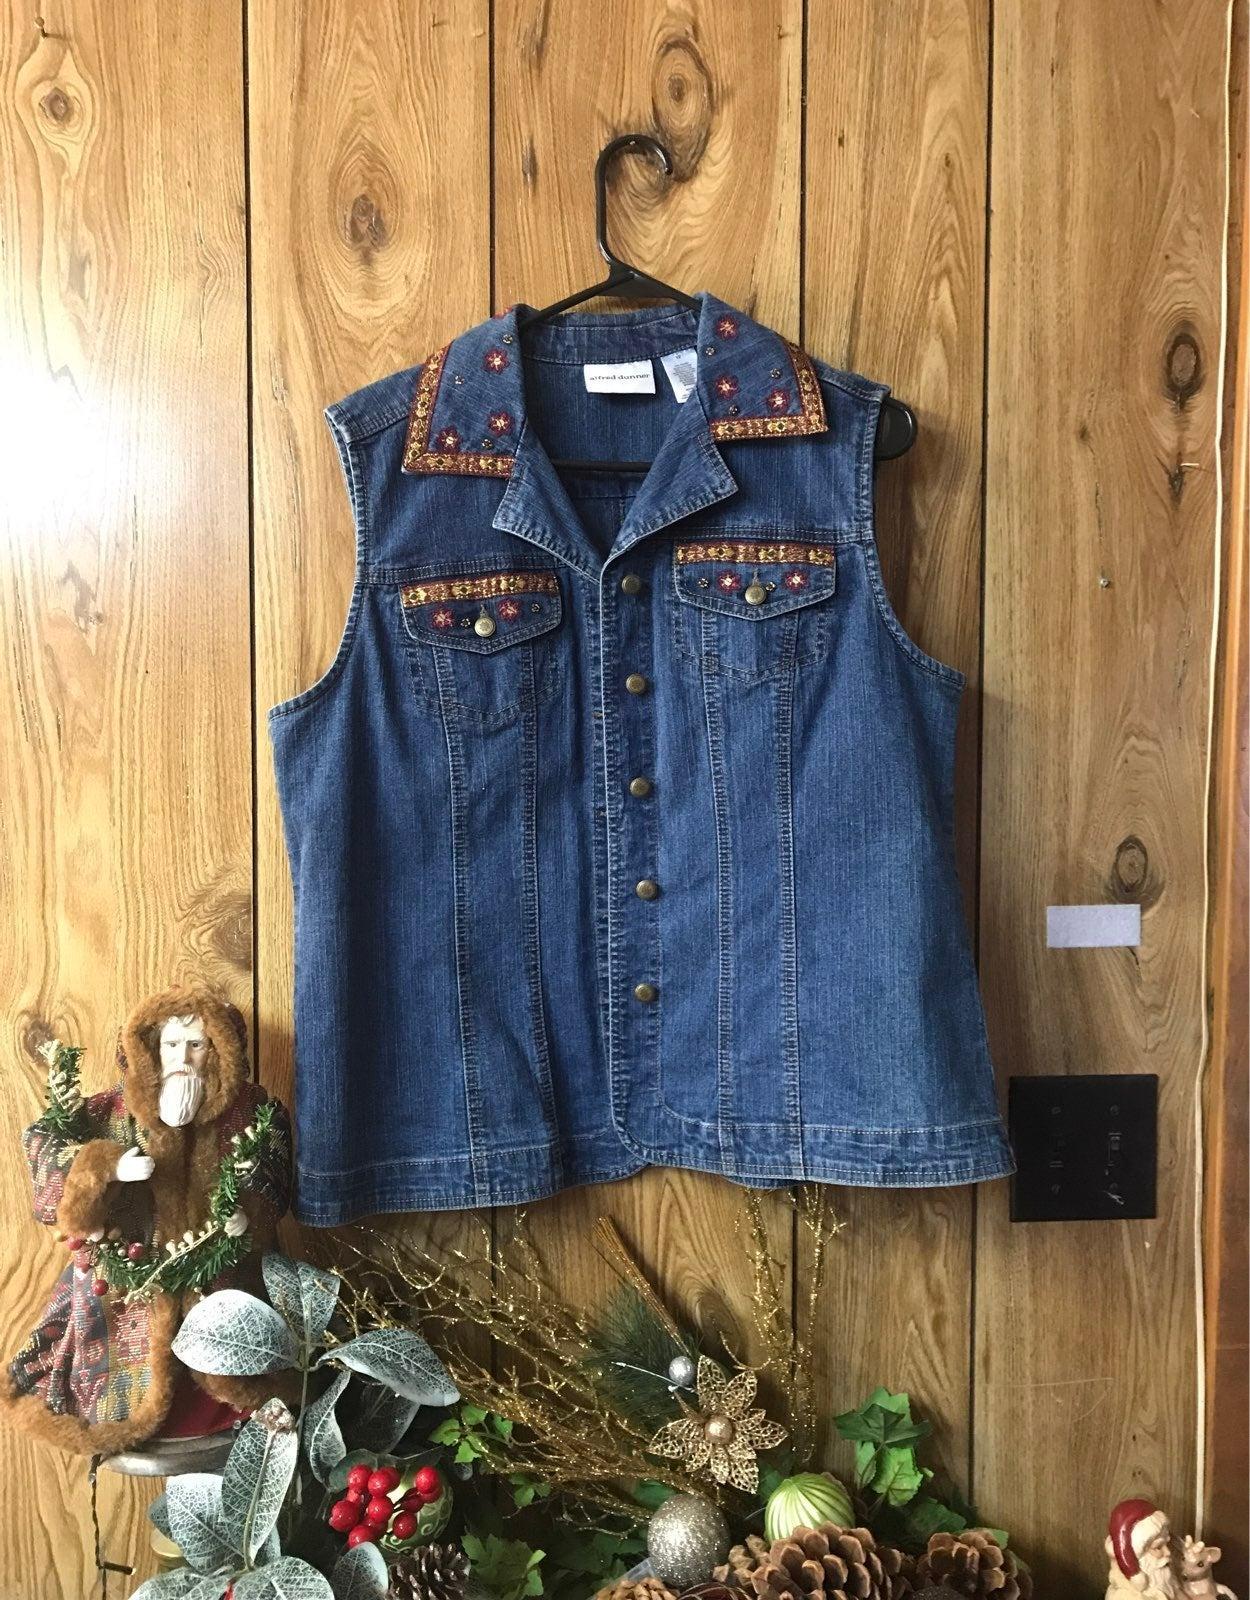 Denim Vest and skirt